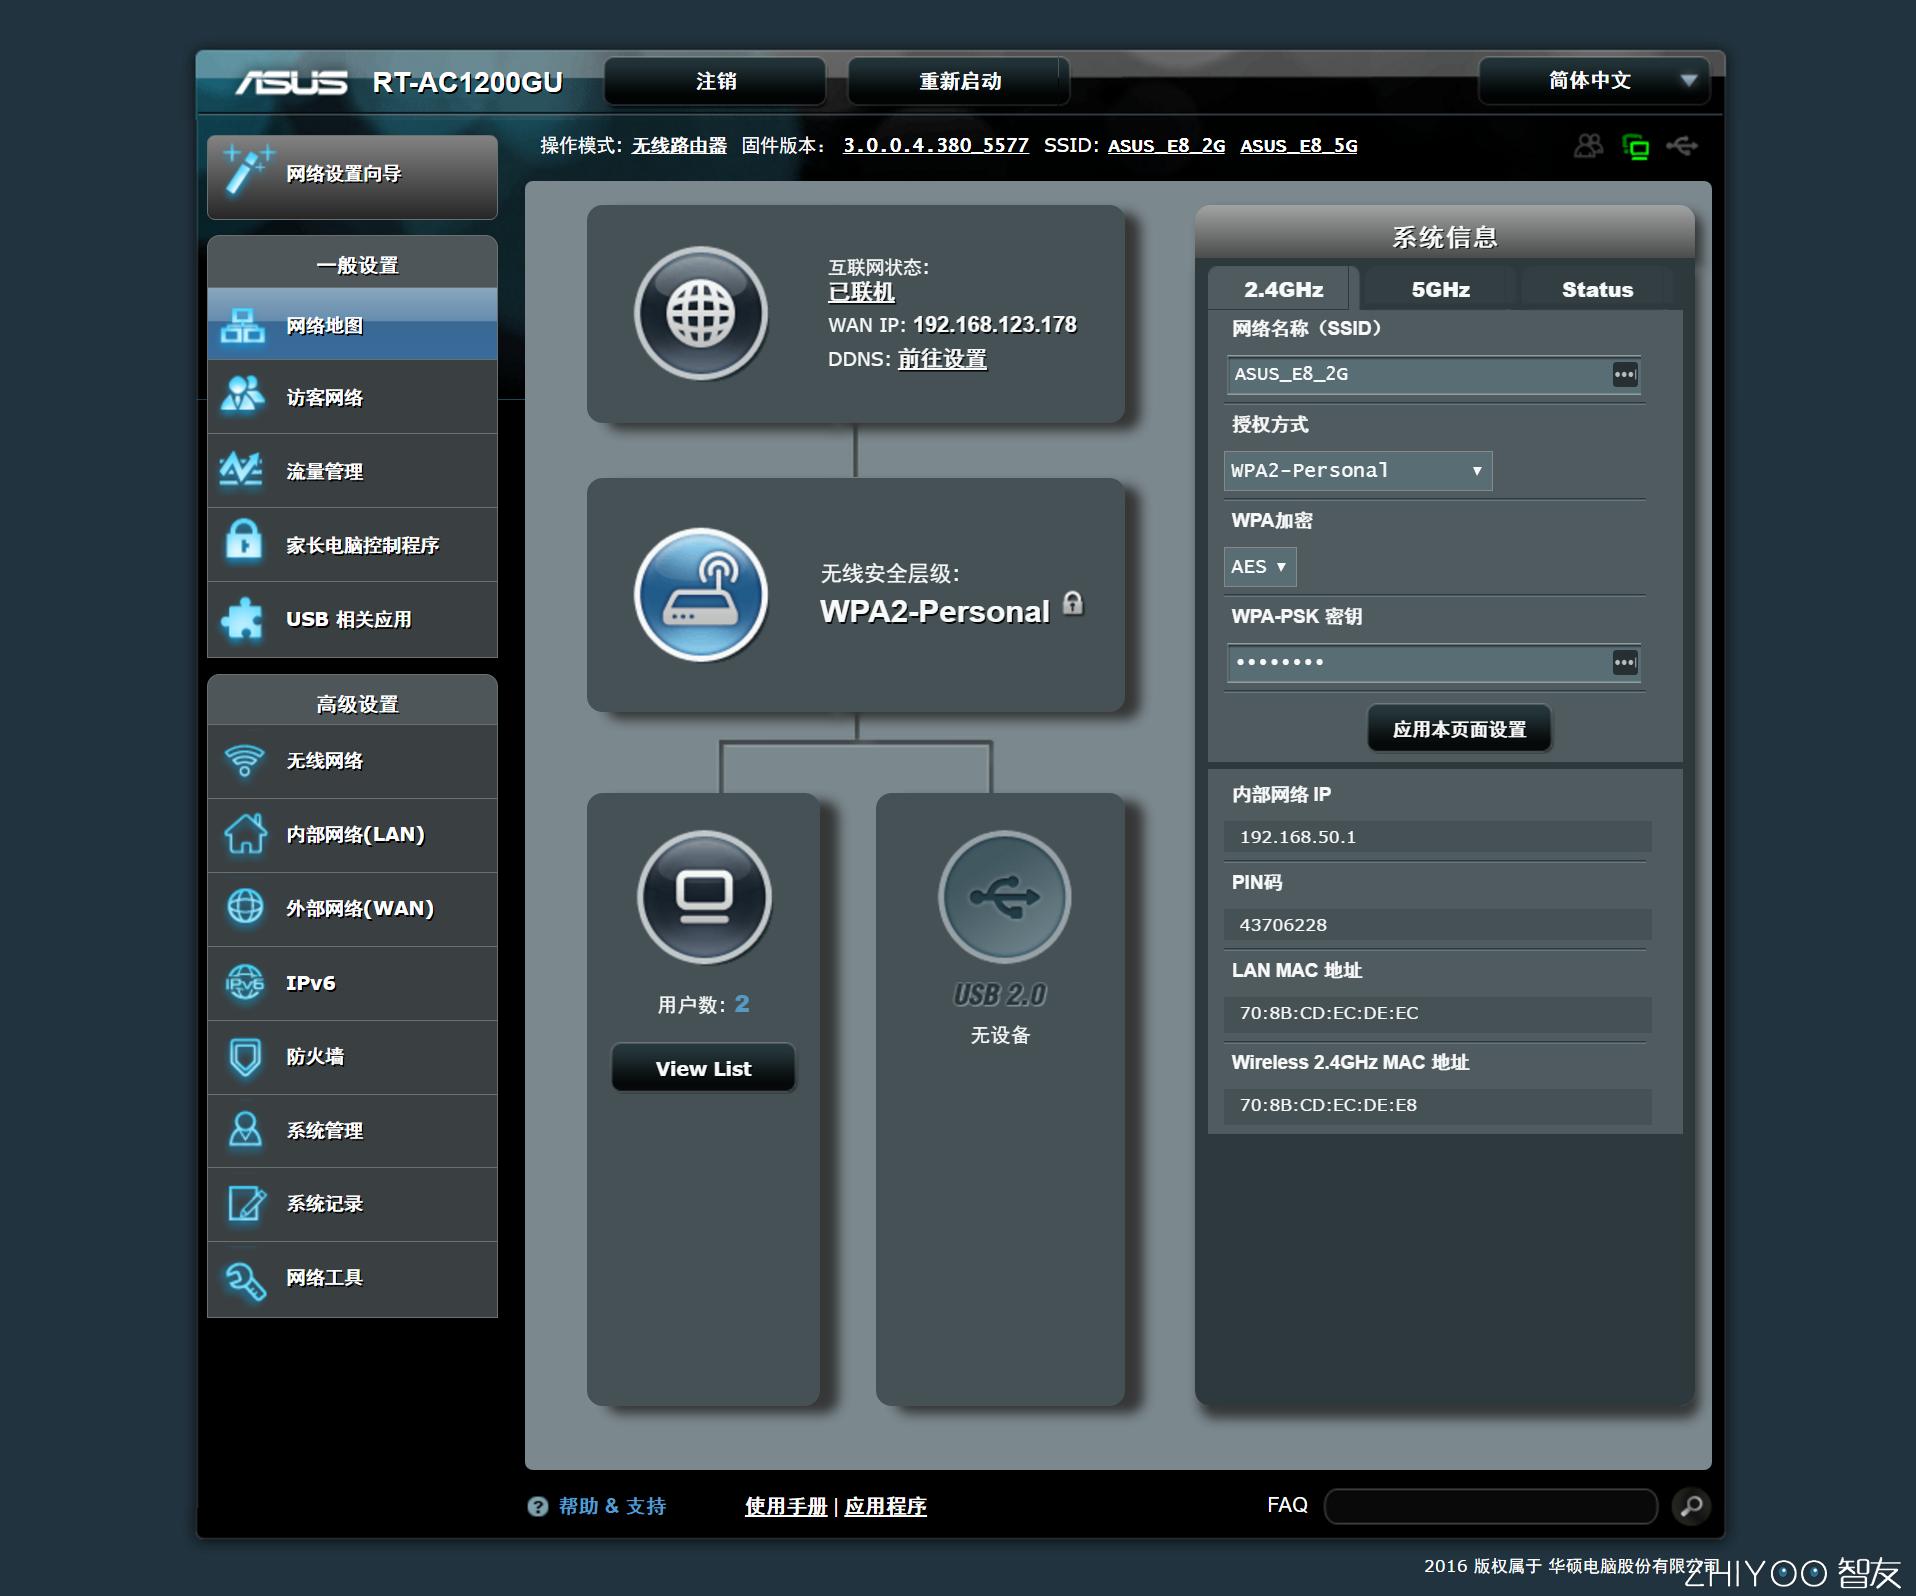 【报告】华硕 RT-AC1200GU 千兆双频无线路由器试用「体验」]